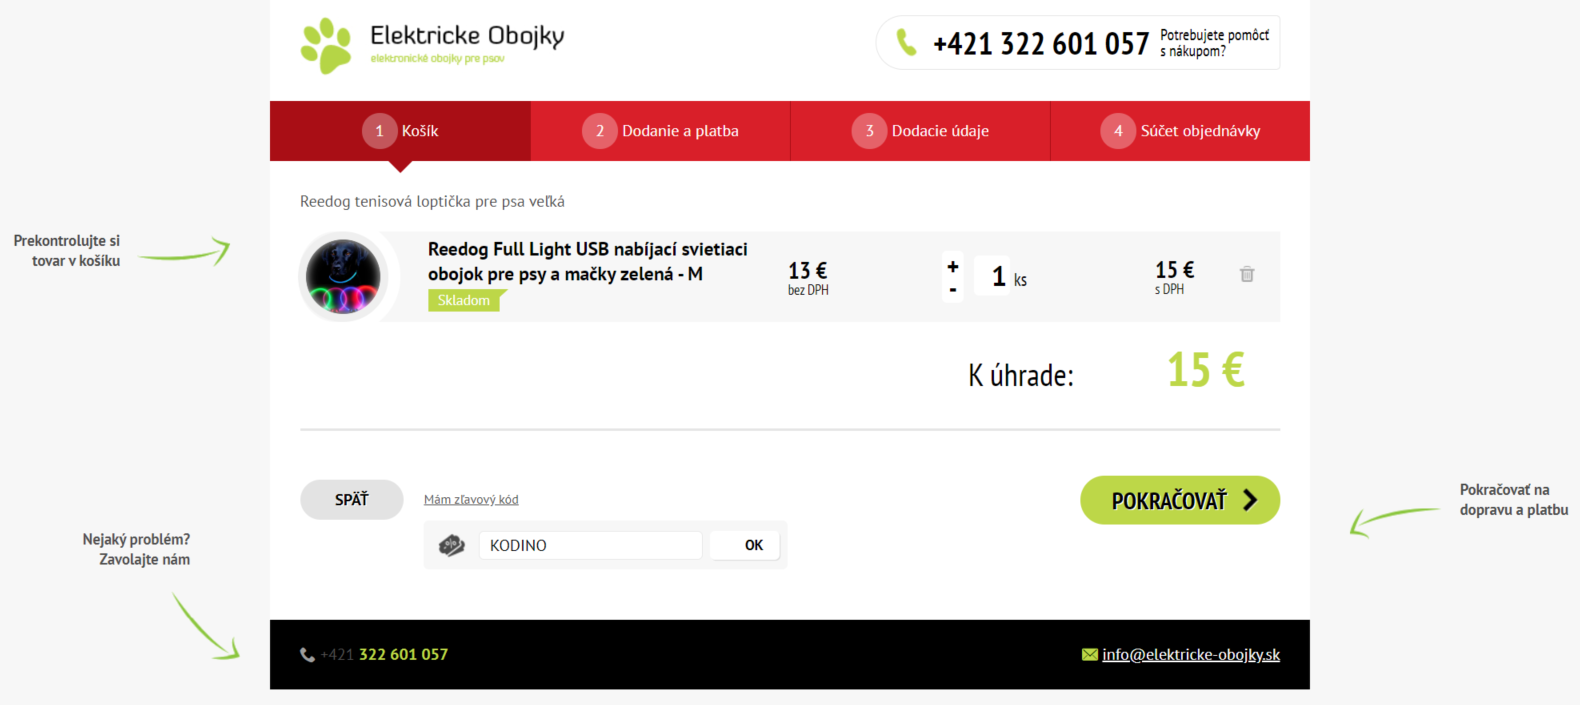 Elektrické-Obojky.sk